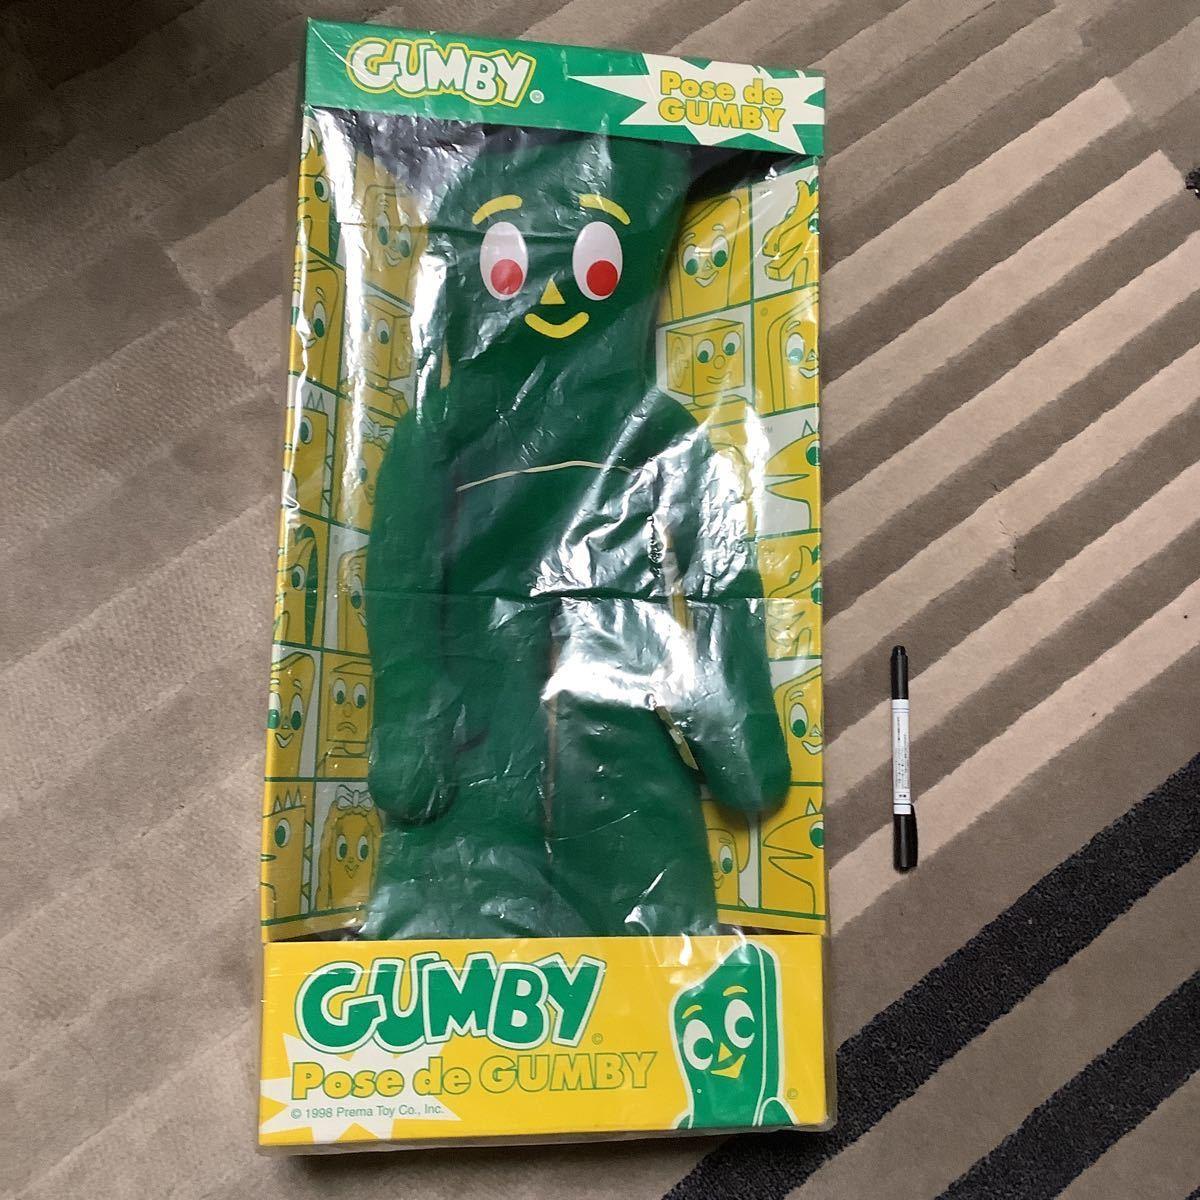 レア 特大 ガンビー ぬいぐるみ pose de gumby 可動 人形 GUMBY ポーズ クレイアニメ ビンテージ レトロ 海外キャラ 新品 figure doll